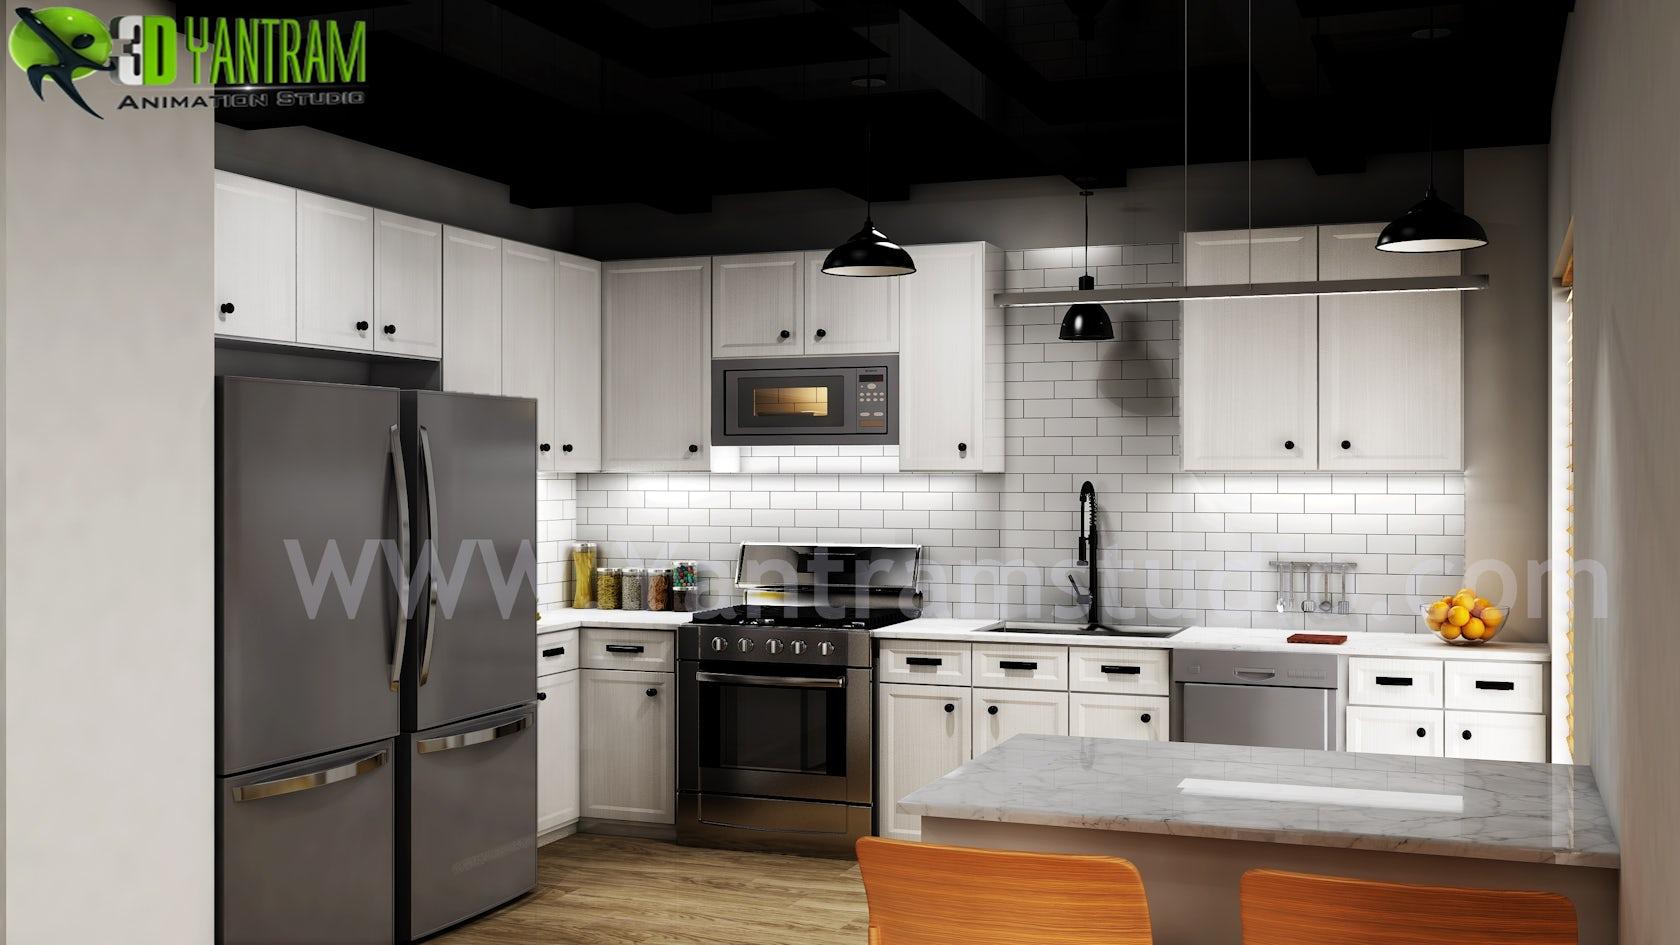 Modern Small Kitchen Design Ideas by Yantram 9d Interior Rendering ...